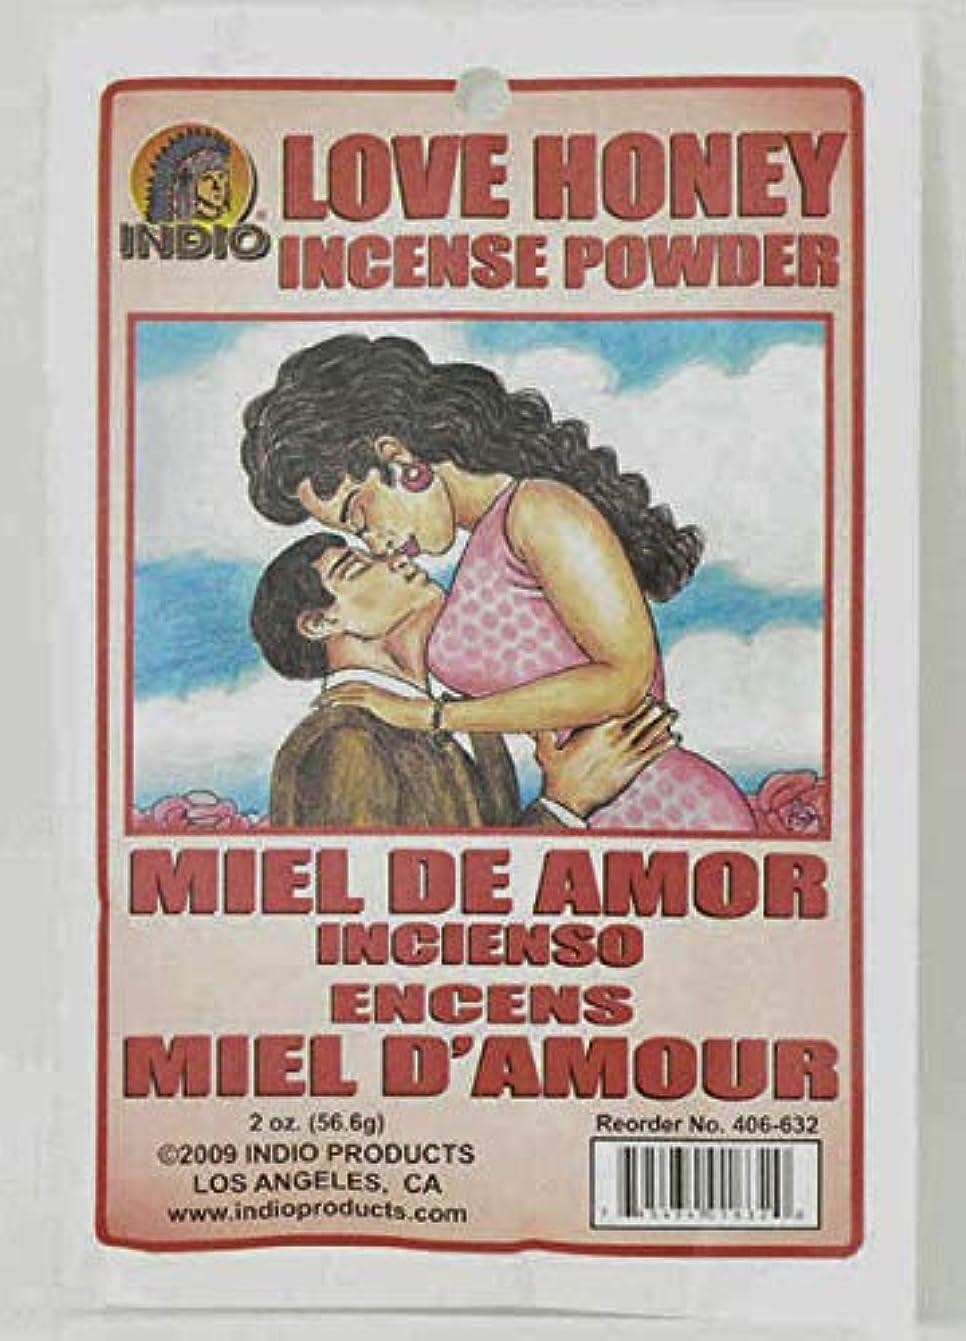 煙突全体にバイバイLove Honey Incense Powder – Miel de Amor Incienso Encens Miel dの世紀からハイビスカス柄Express